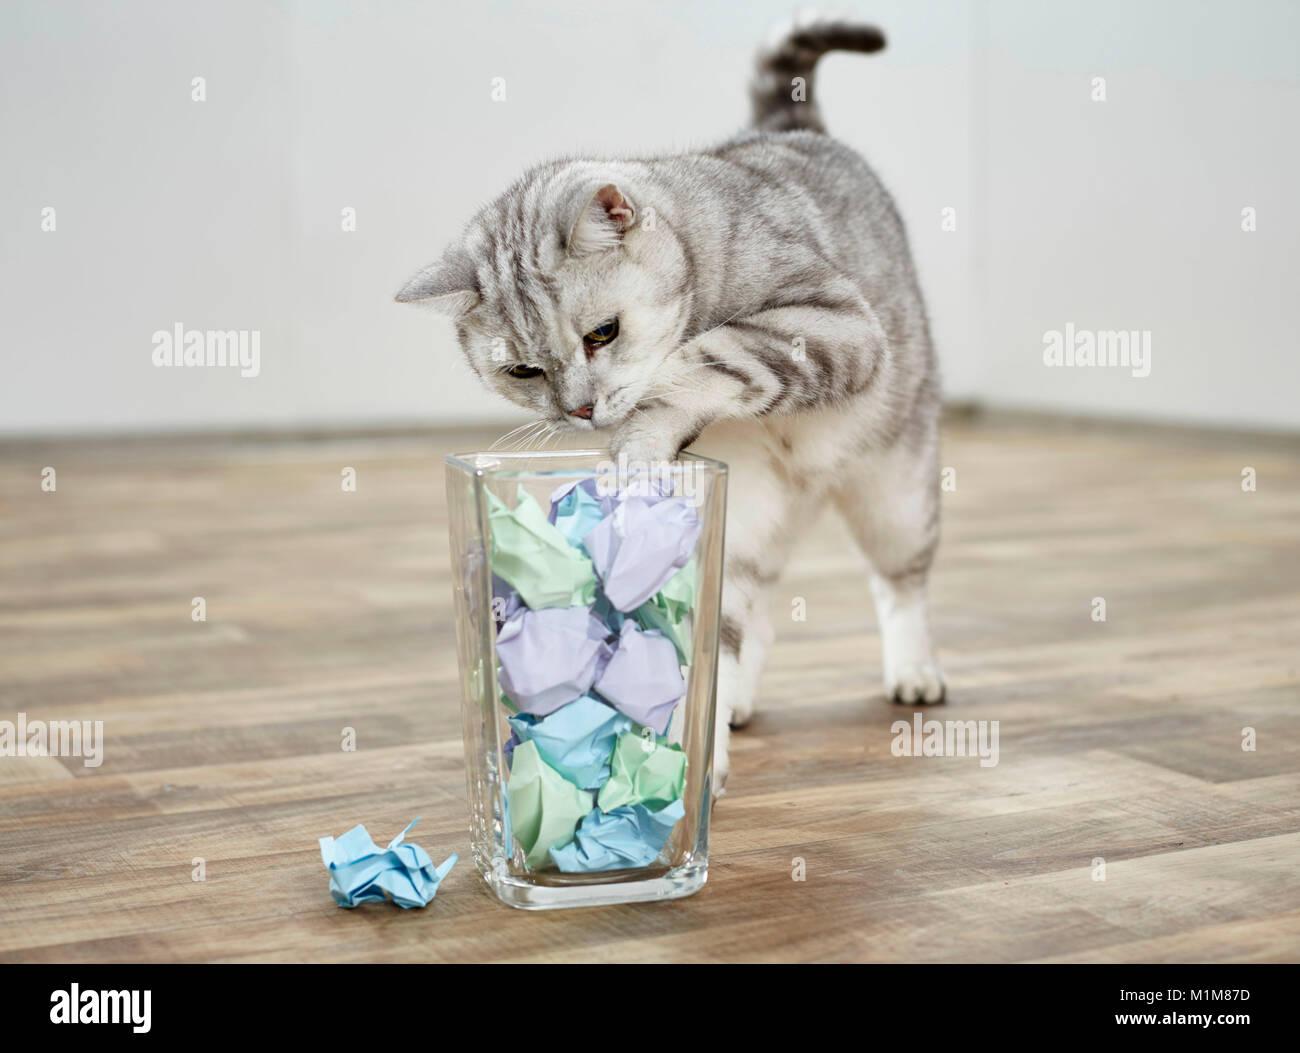 British Shorthair cat. Tabby adulto pesca una carta sbriciolato fuori da un contenitore di vetro. Germania Immagini Stock